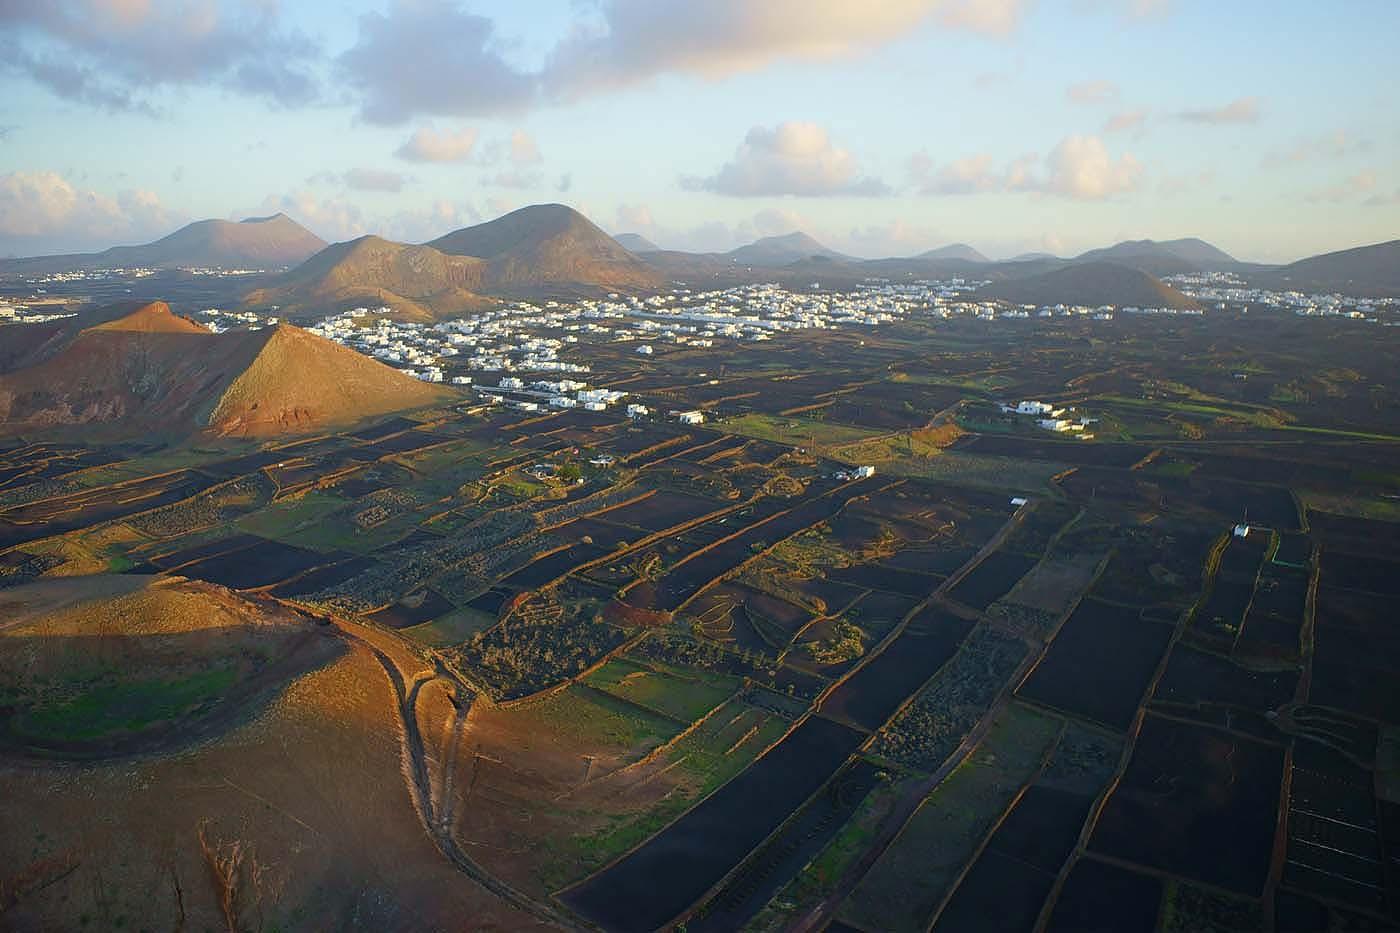 испания, лансароте, канарские острова, канары, вулканы, аэро, aerial, Борис Резванцев